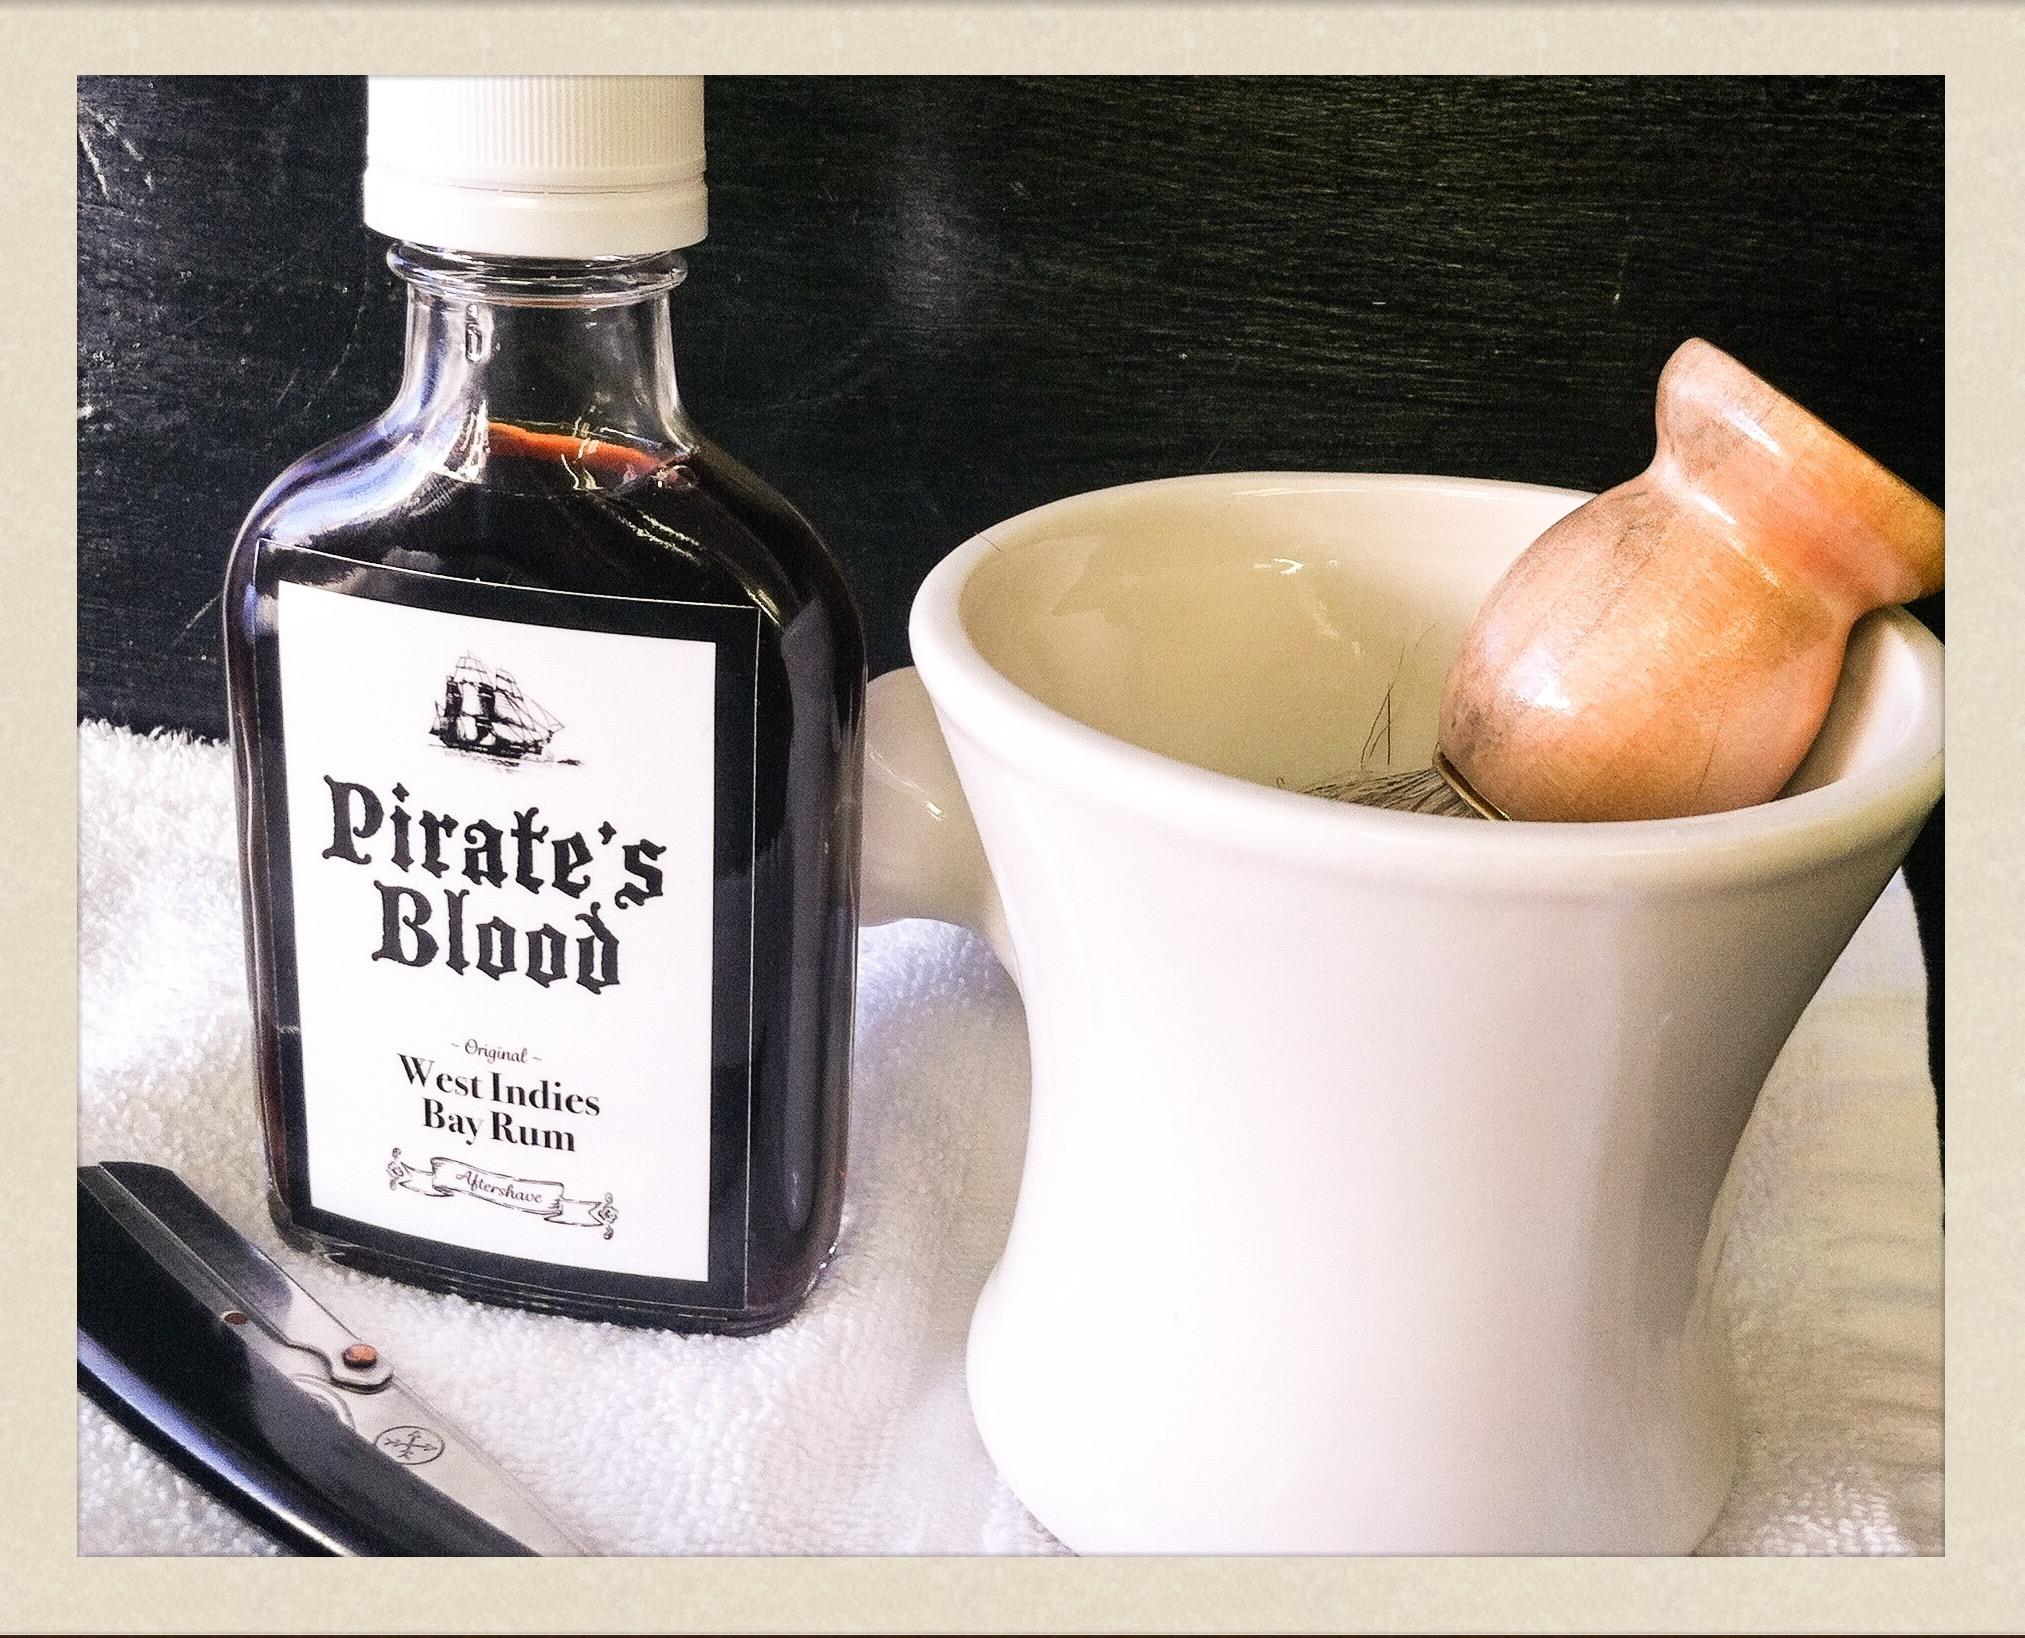 Pirates Blood Bay Rum